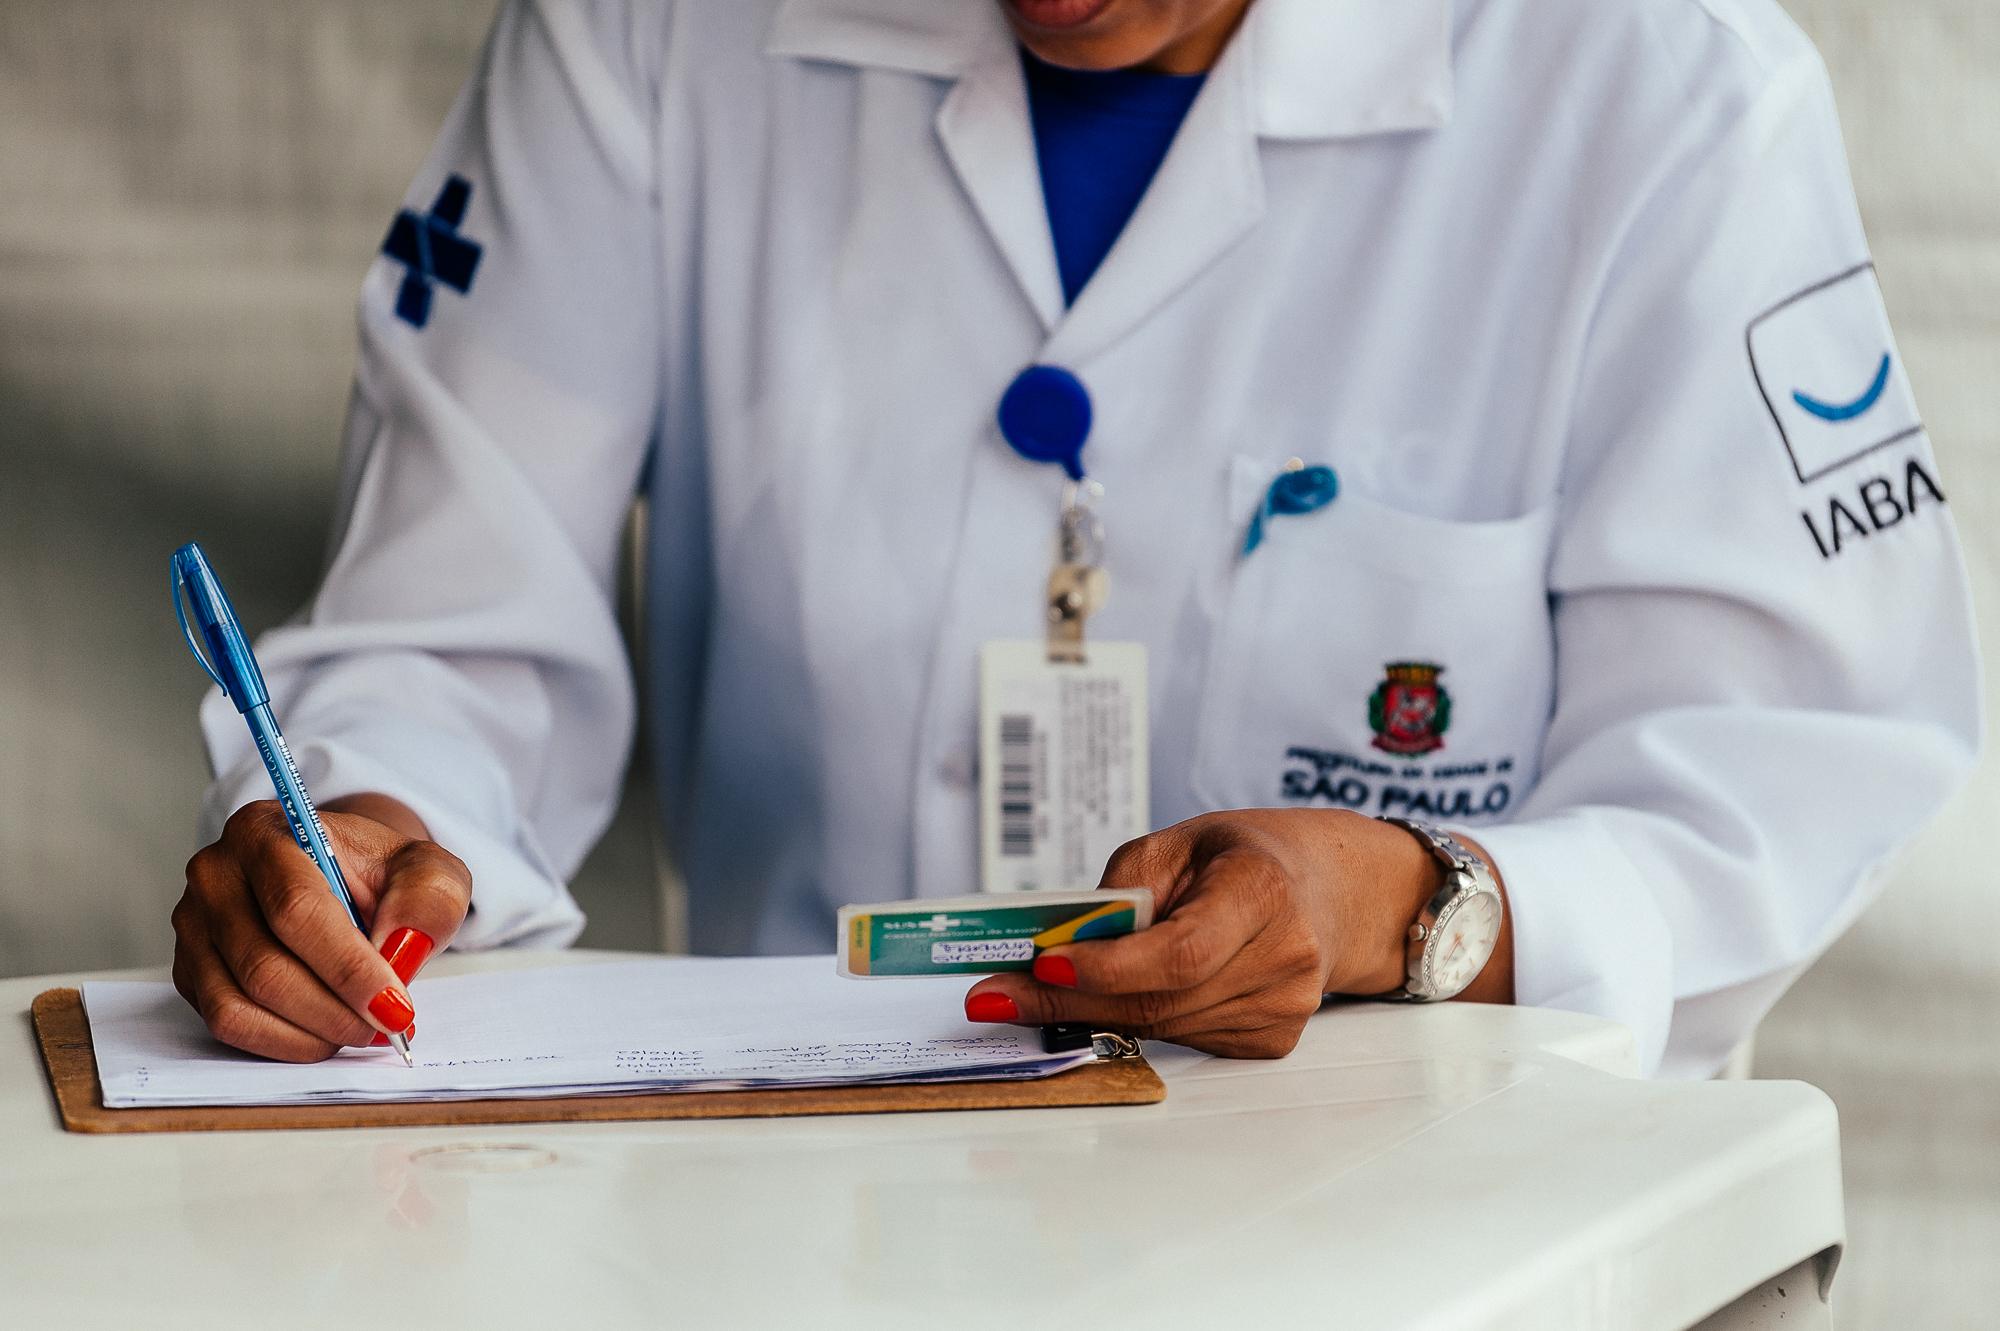 Esforços dos profissionais de saúde permite maior proteção a população vulnerável (Crédito: Divulgação Prefeitura)